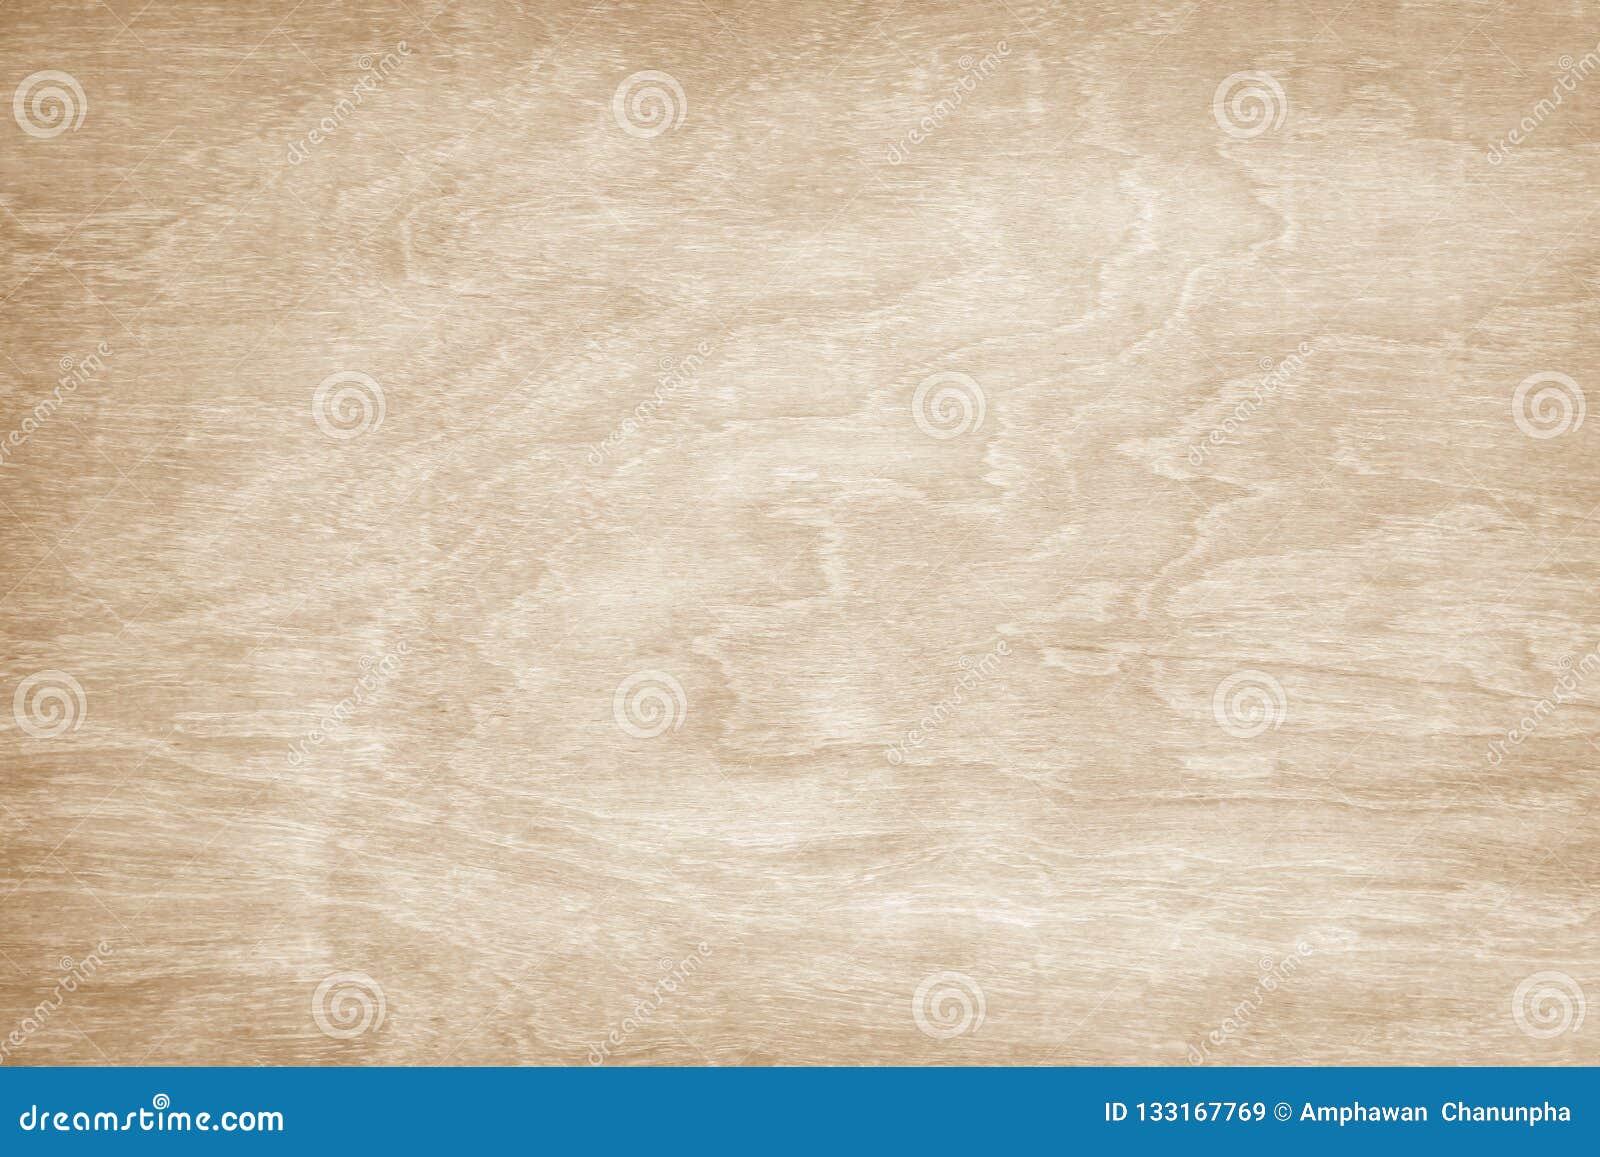 Fondo di legno di struttura della parete, modelli di onda naturali marrone chiaro astratti in orizzontale